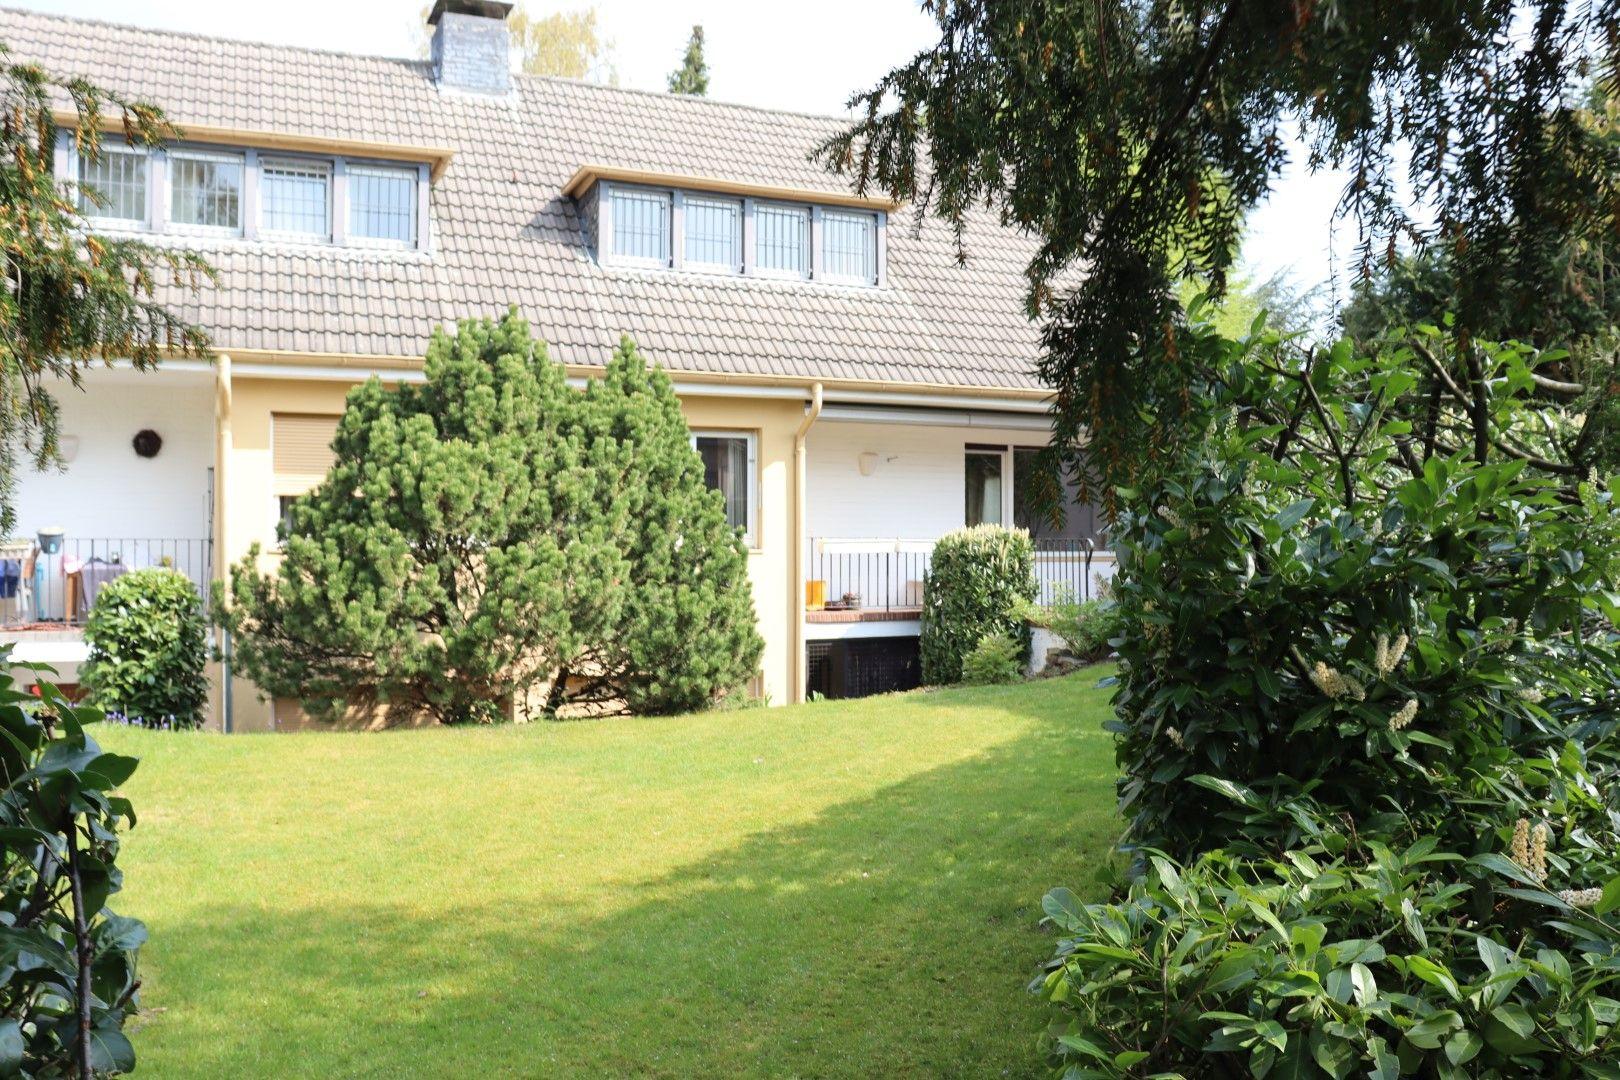 Immobilie Nr.0296 | Asternstraße 11 + 13, 40668 Meerbusch